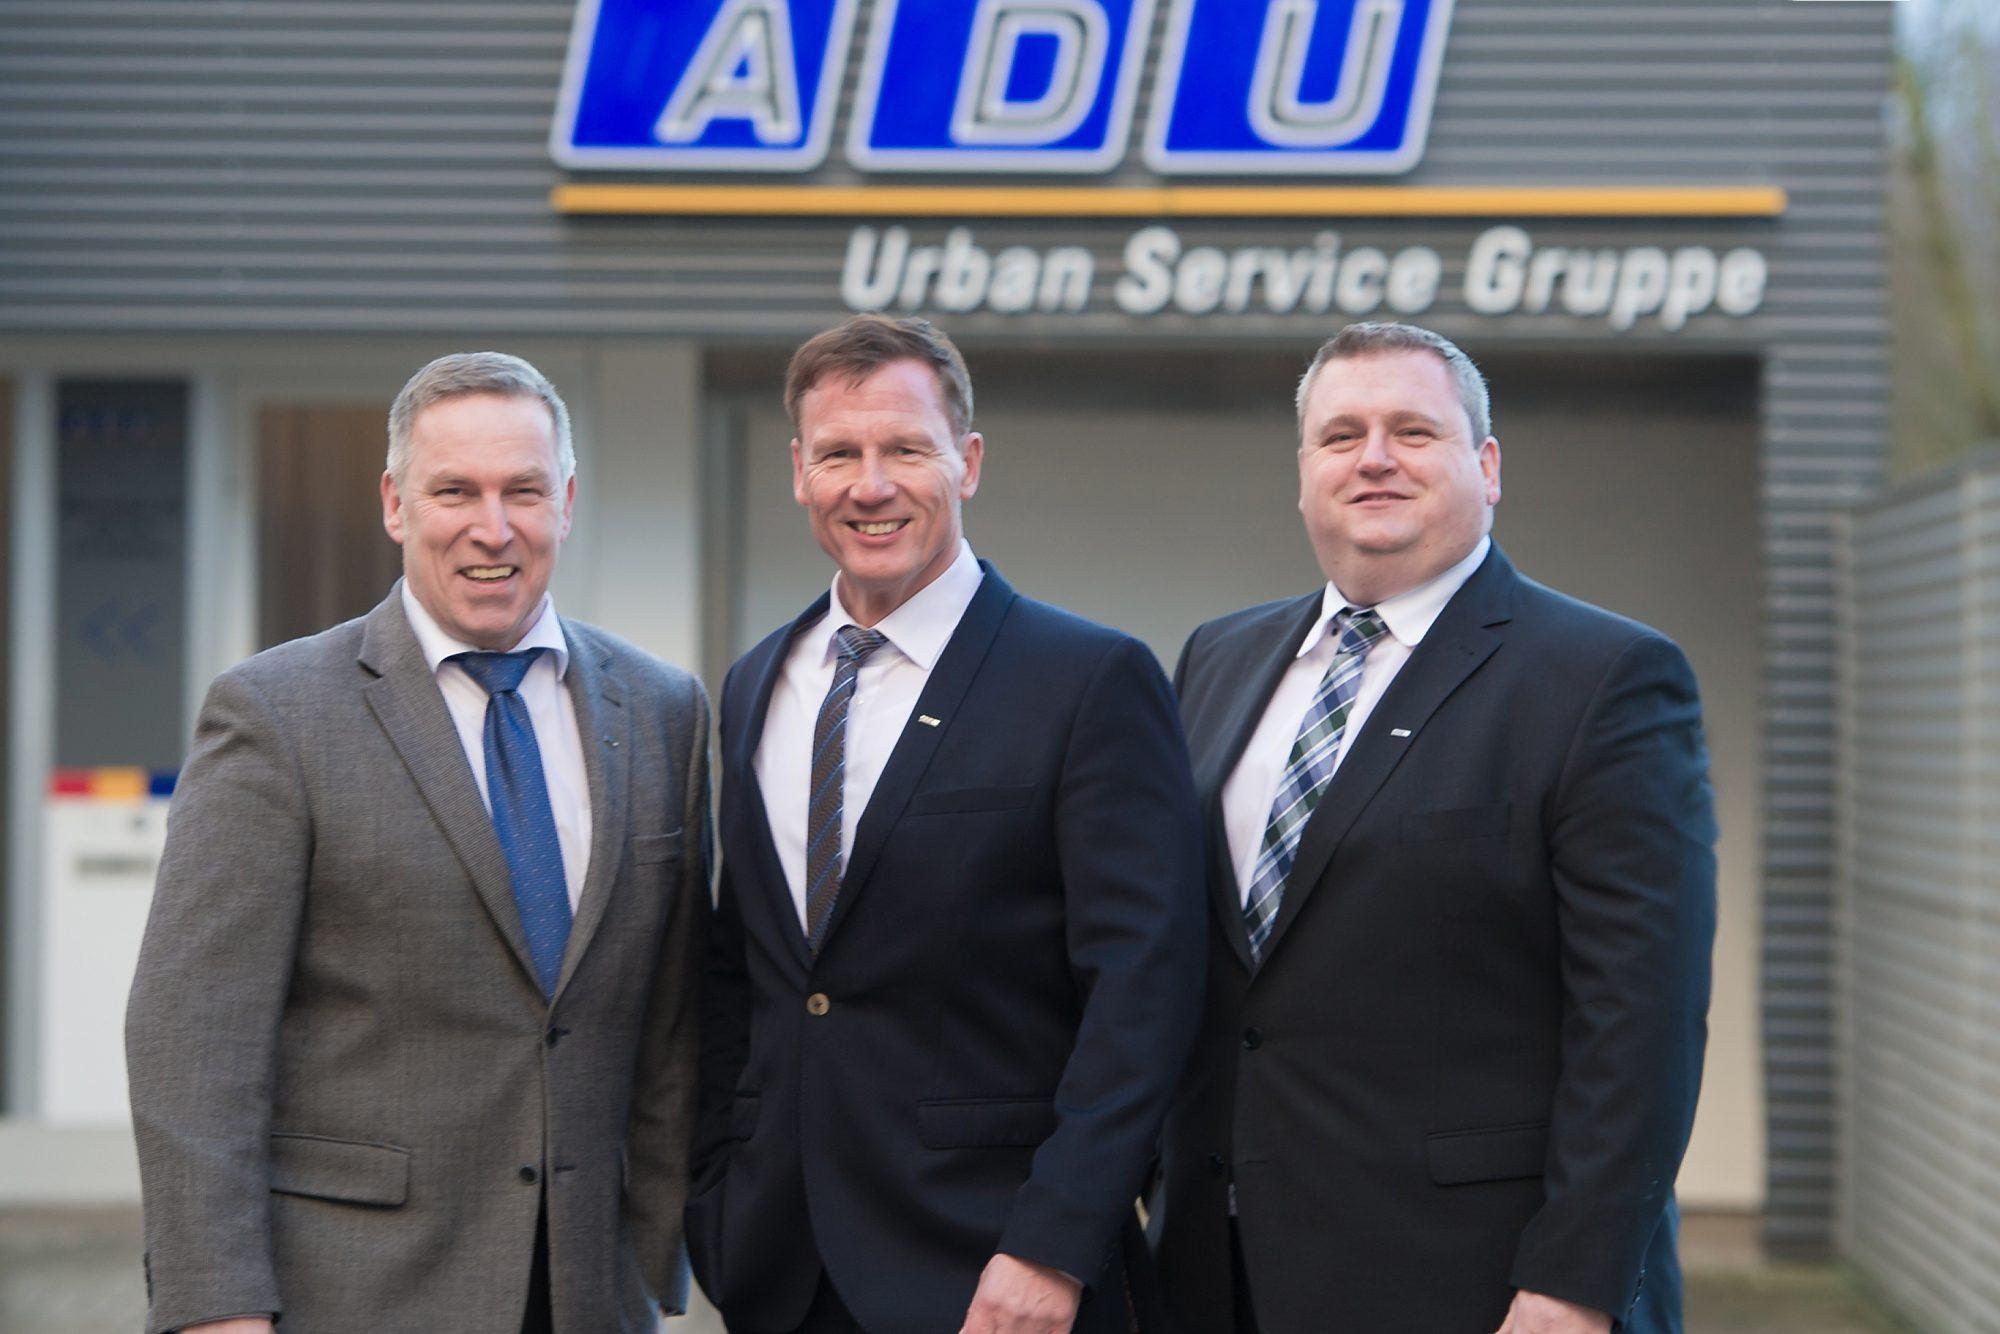 ADU erzielt Rekordumsatz von 40 Mio. Euro